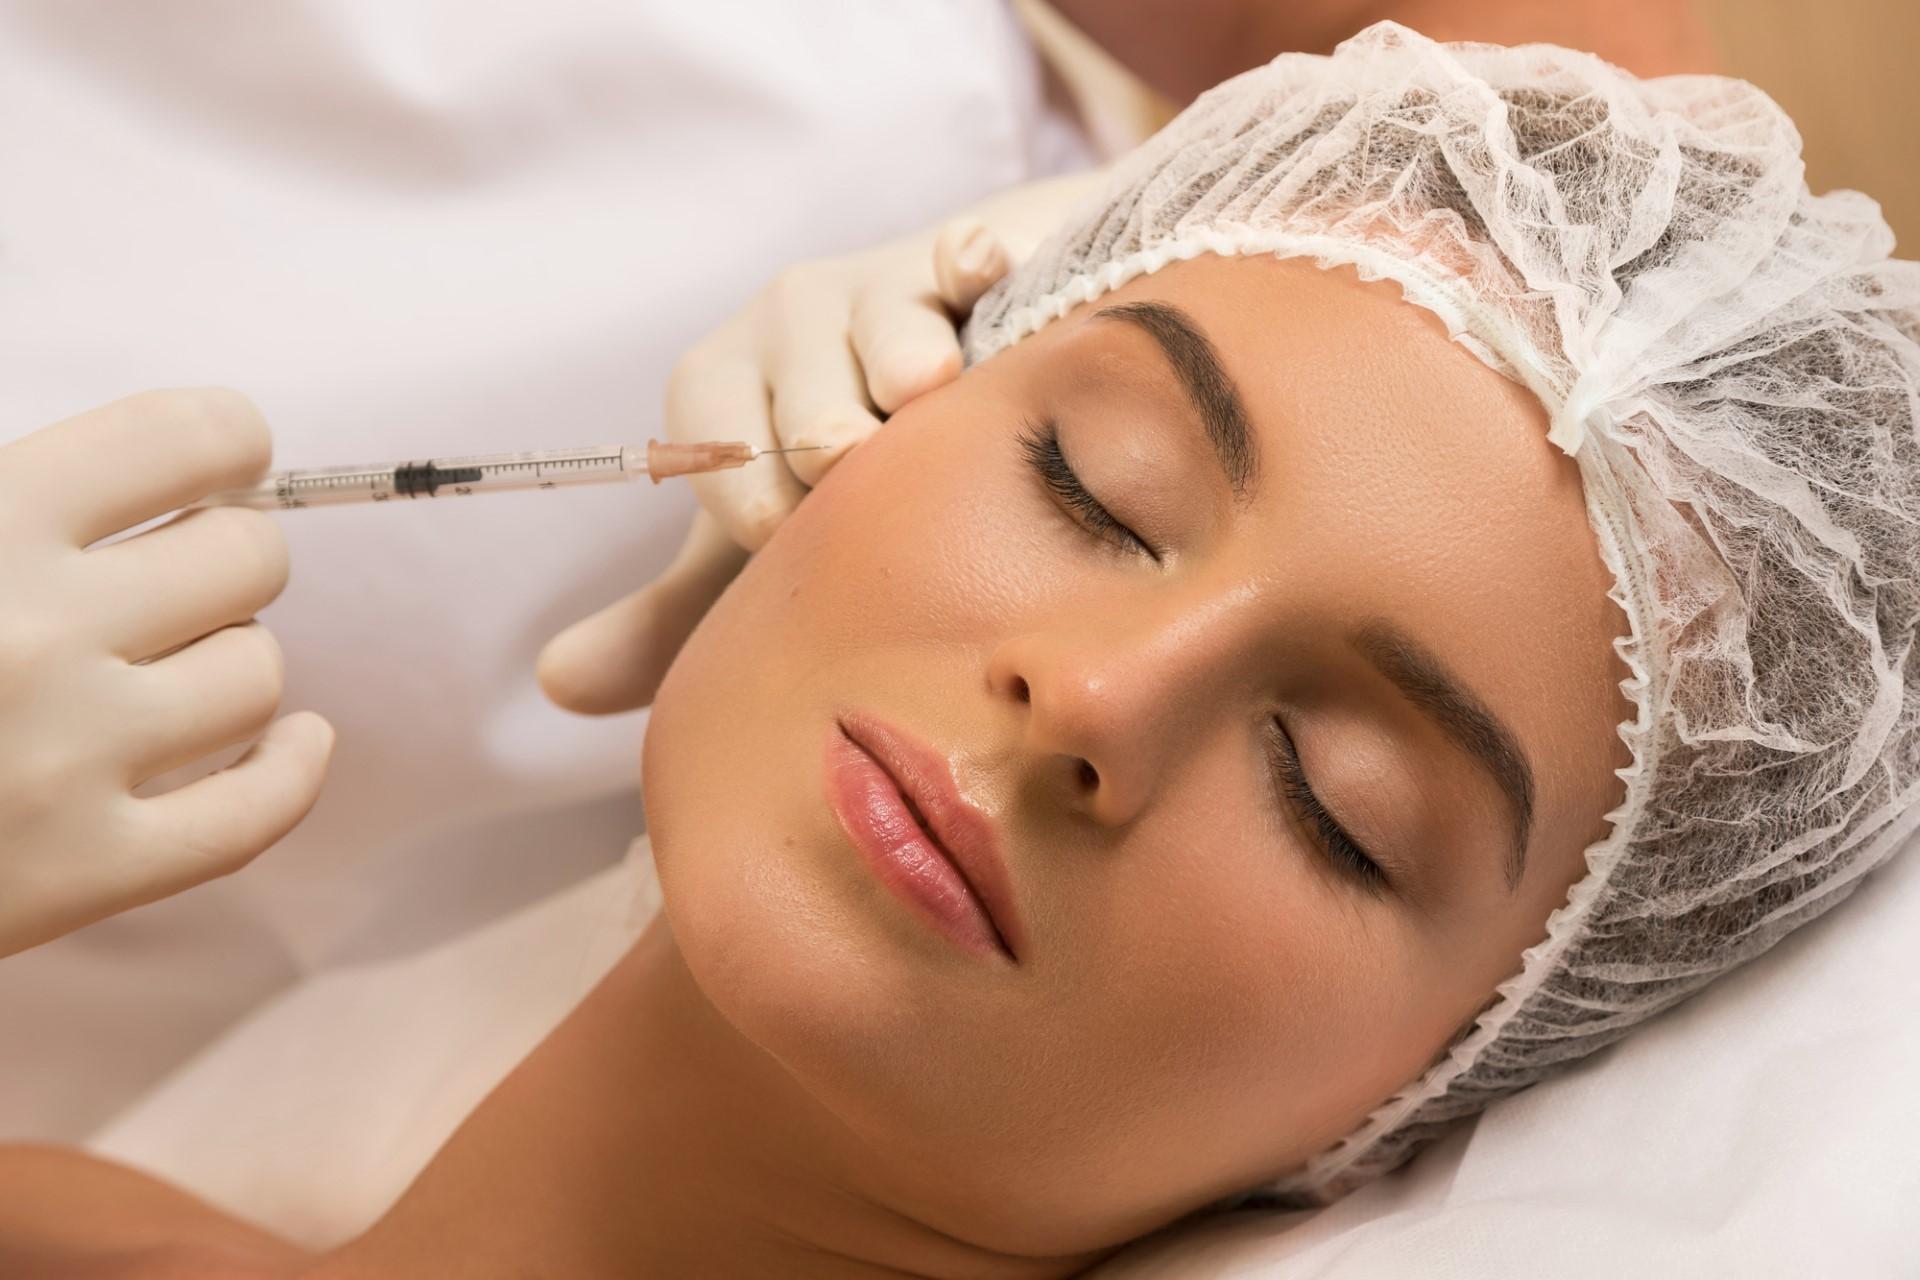 Toksyna botulinowa – zastosowanie w medycynie estetycznej